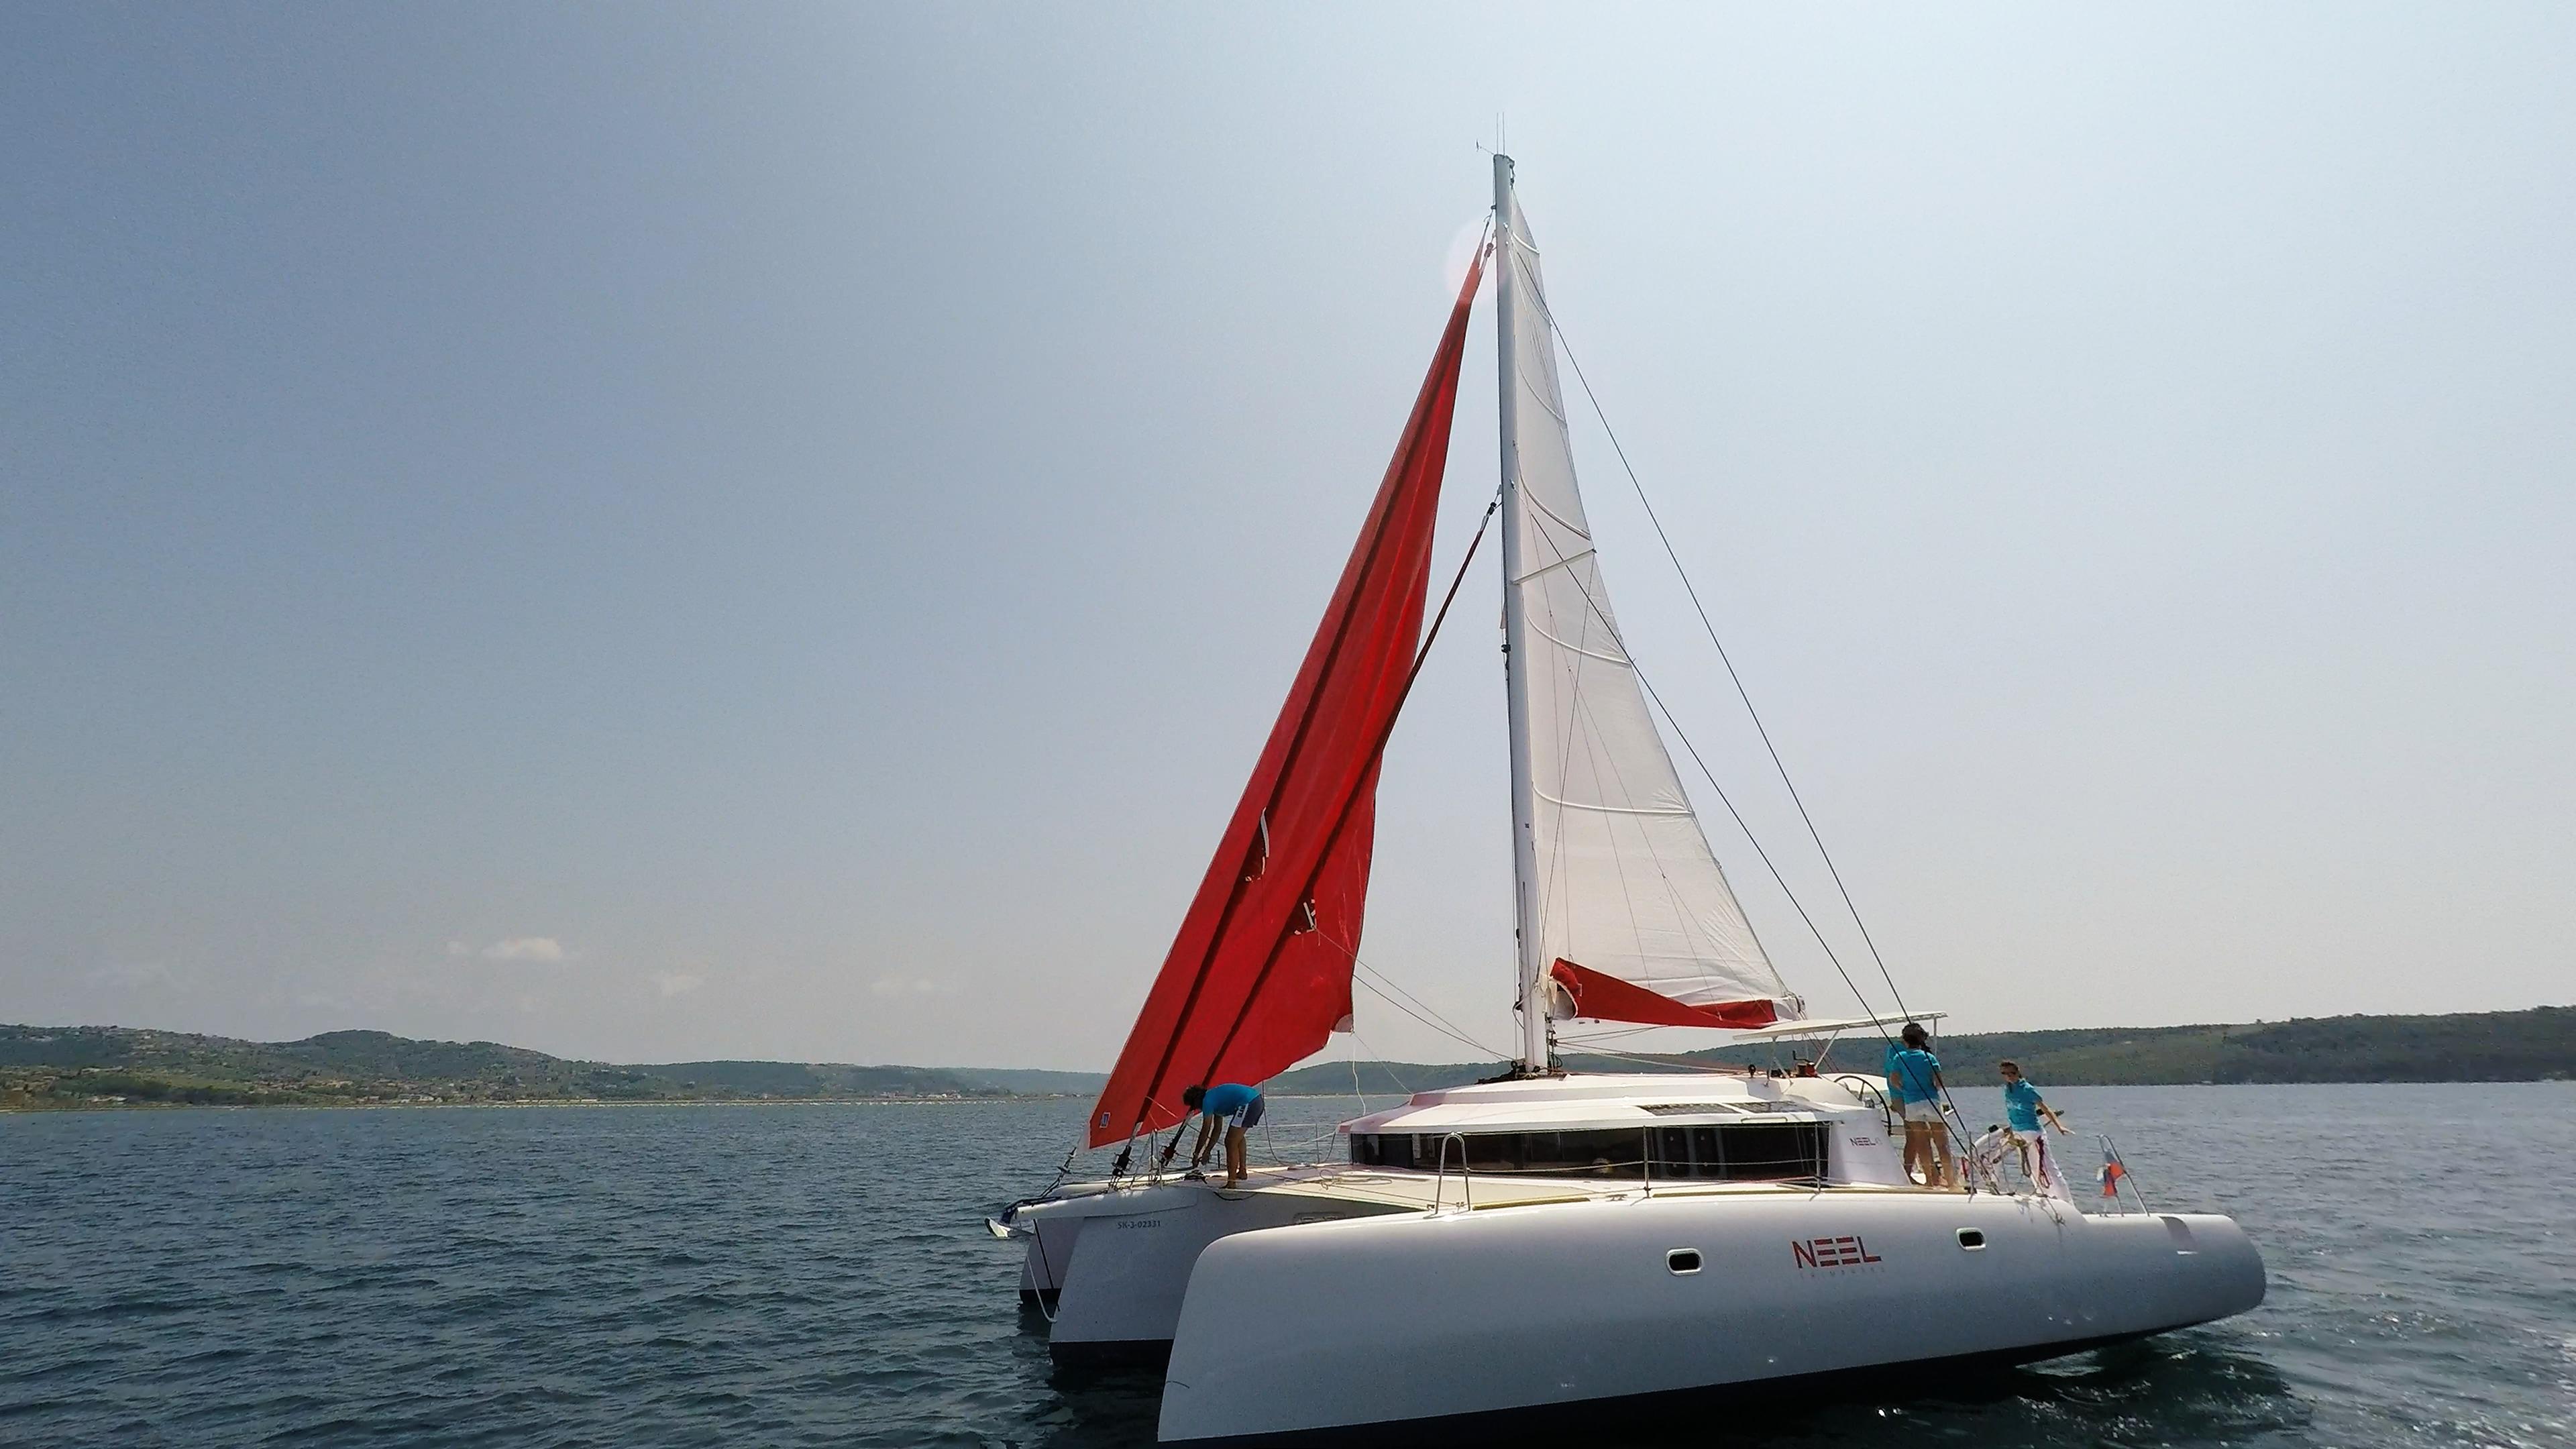 hoisting gennaker vela sul neel 45 multiscafo yacht